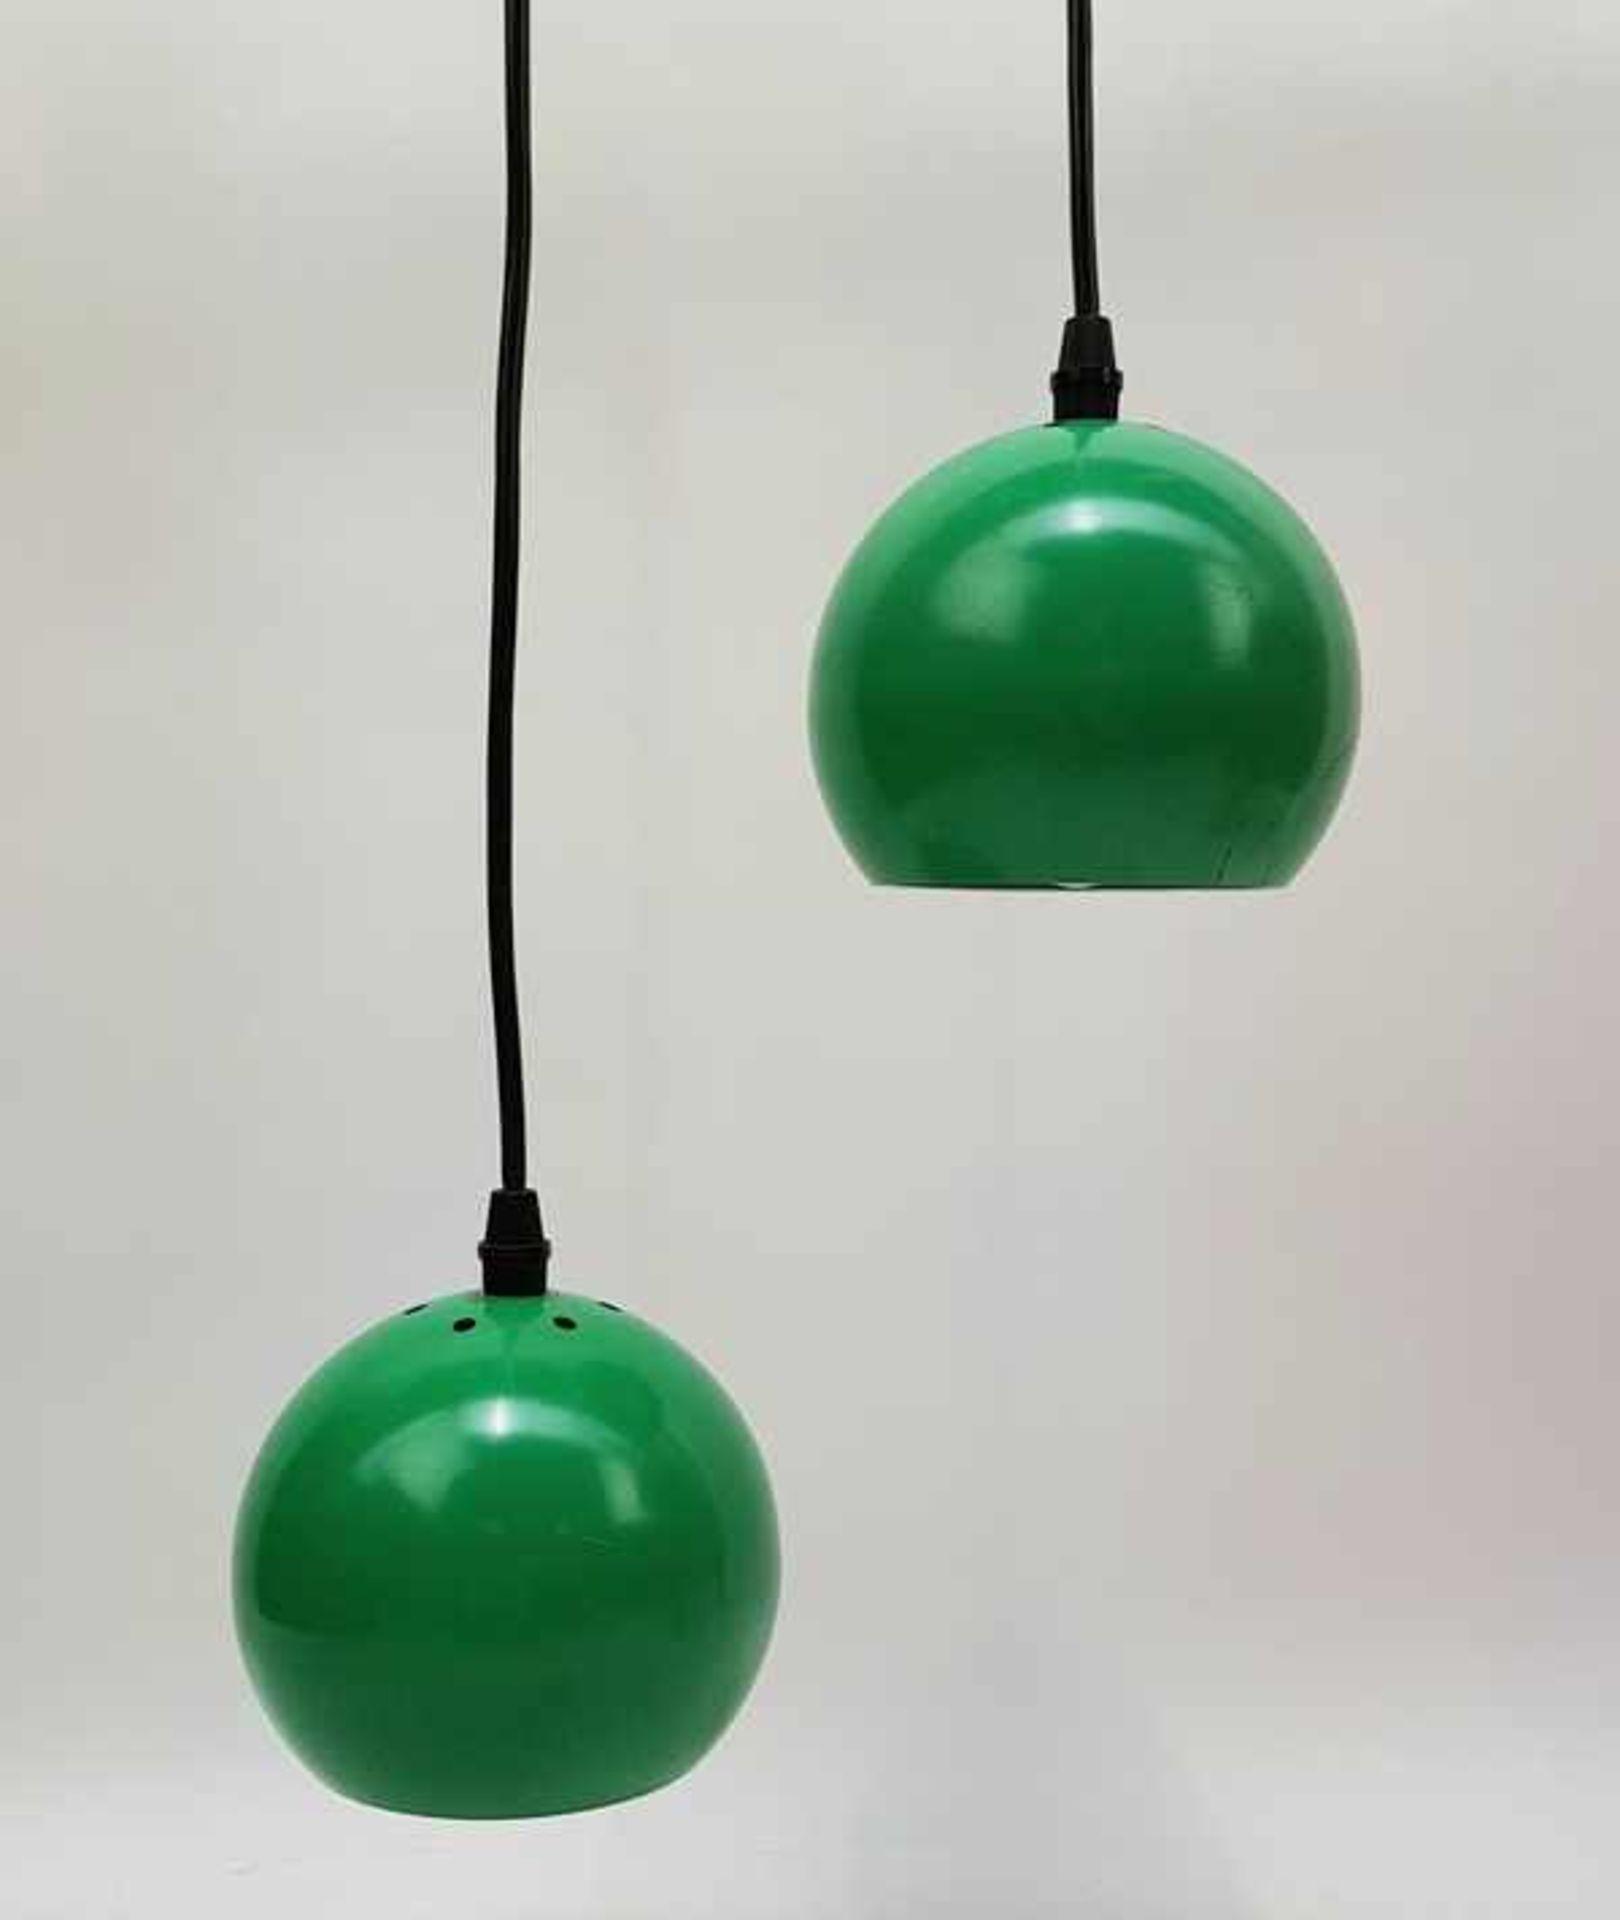 Los 164 - (Curiosa) Rotan krukken en hanglampen